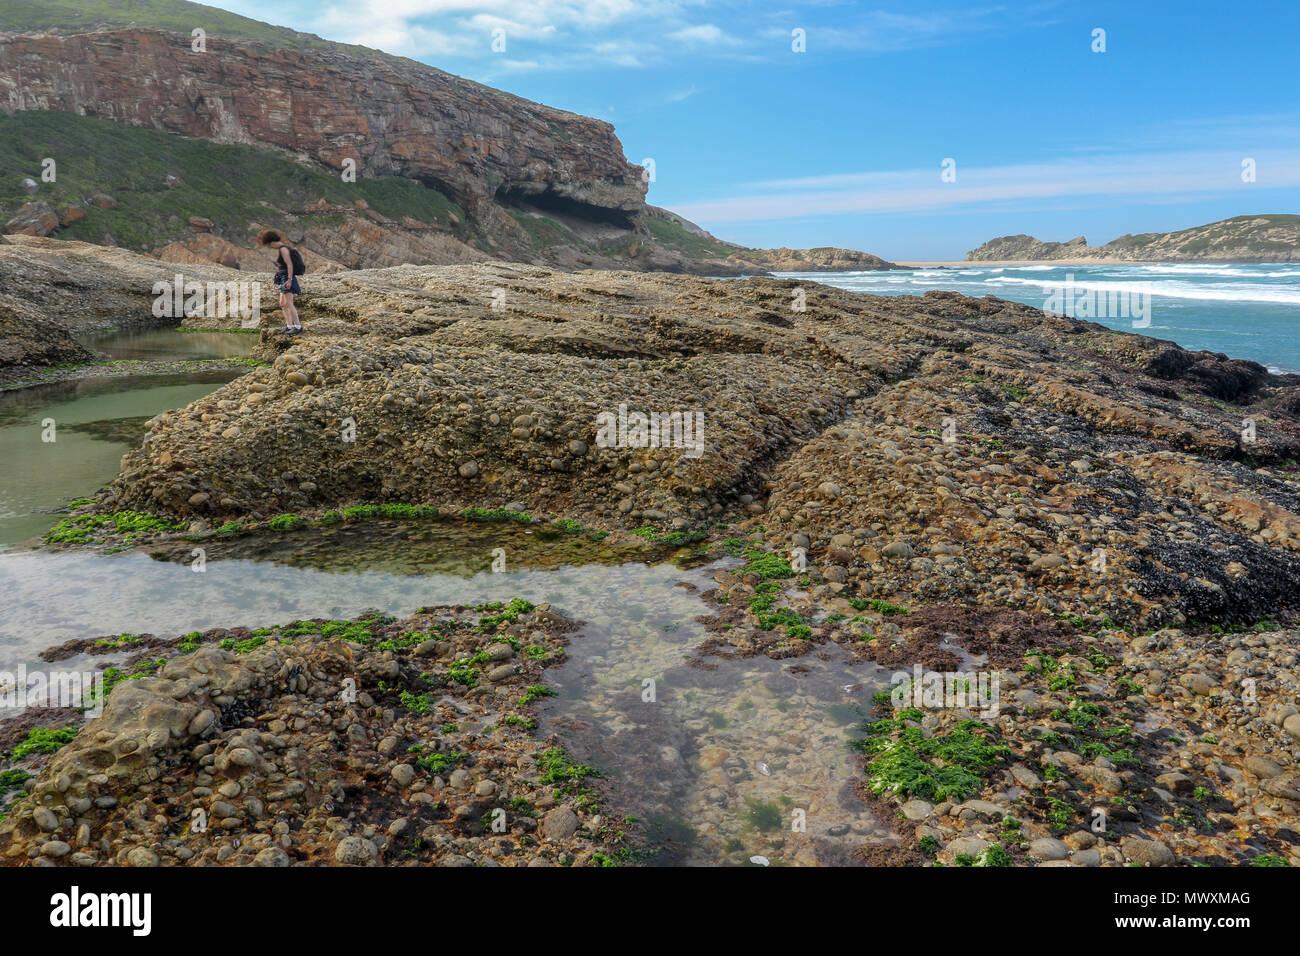 Robberg riserva naturale, garden route, cape, sud africa Immagini Stock